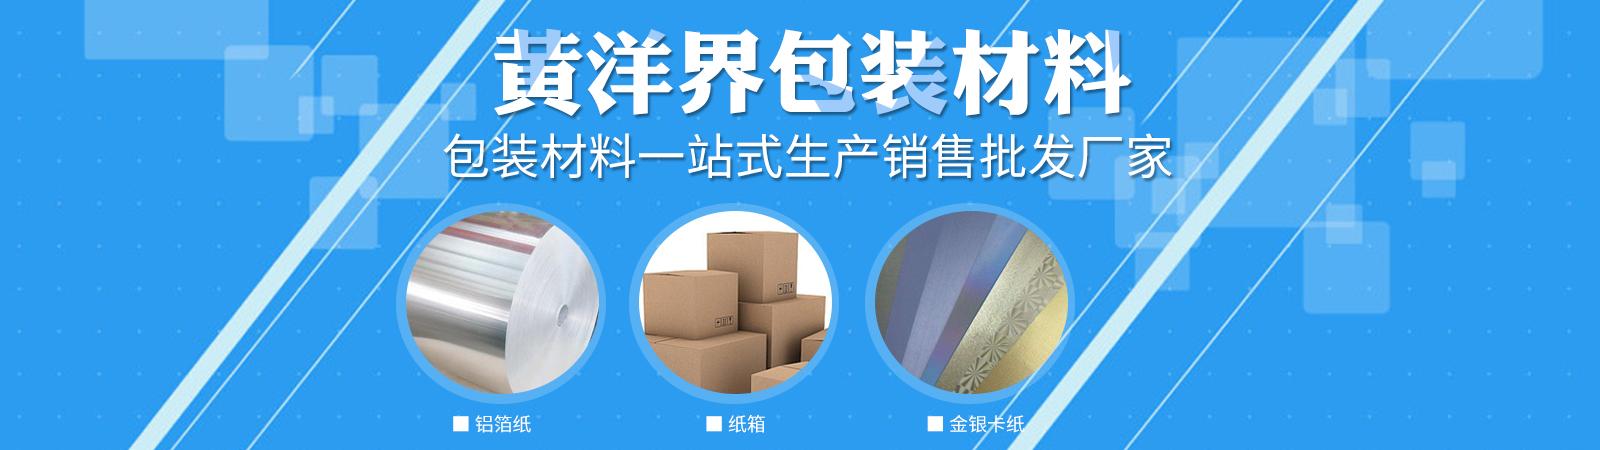 为什么纸箱包装厂家会选择瓦楞纸箱